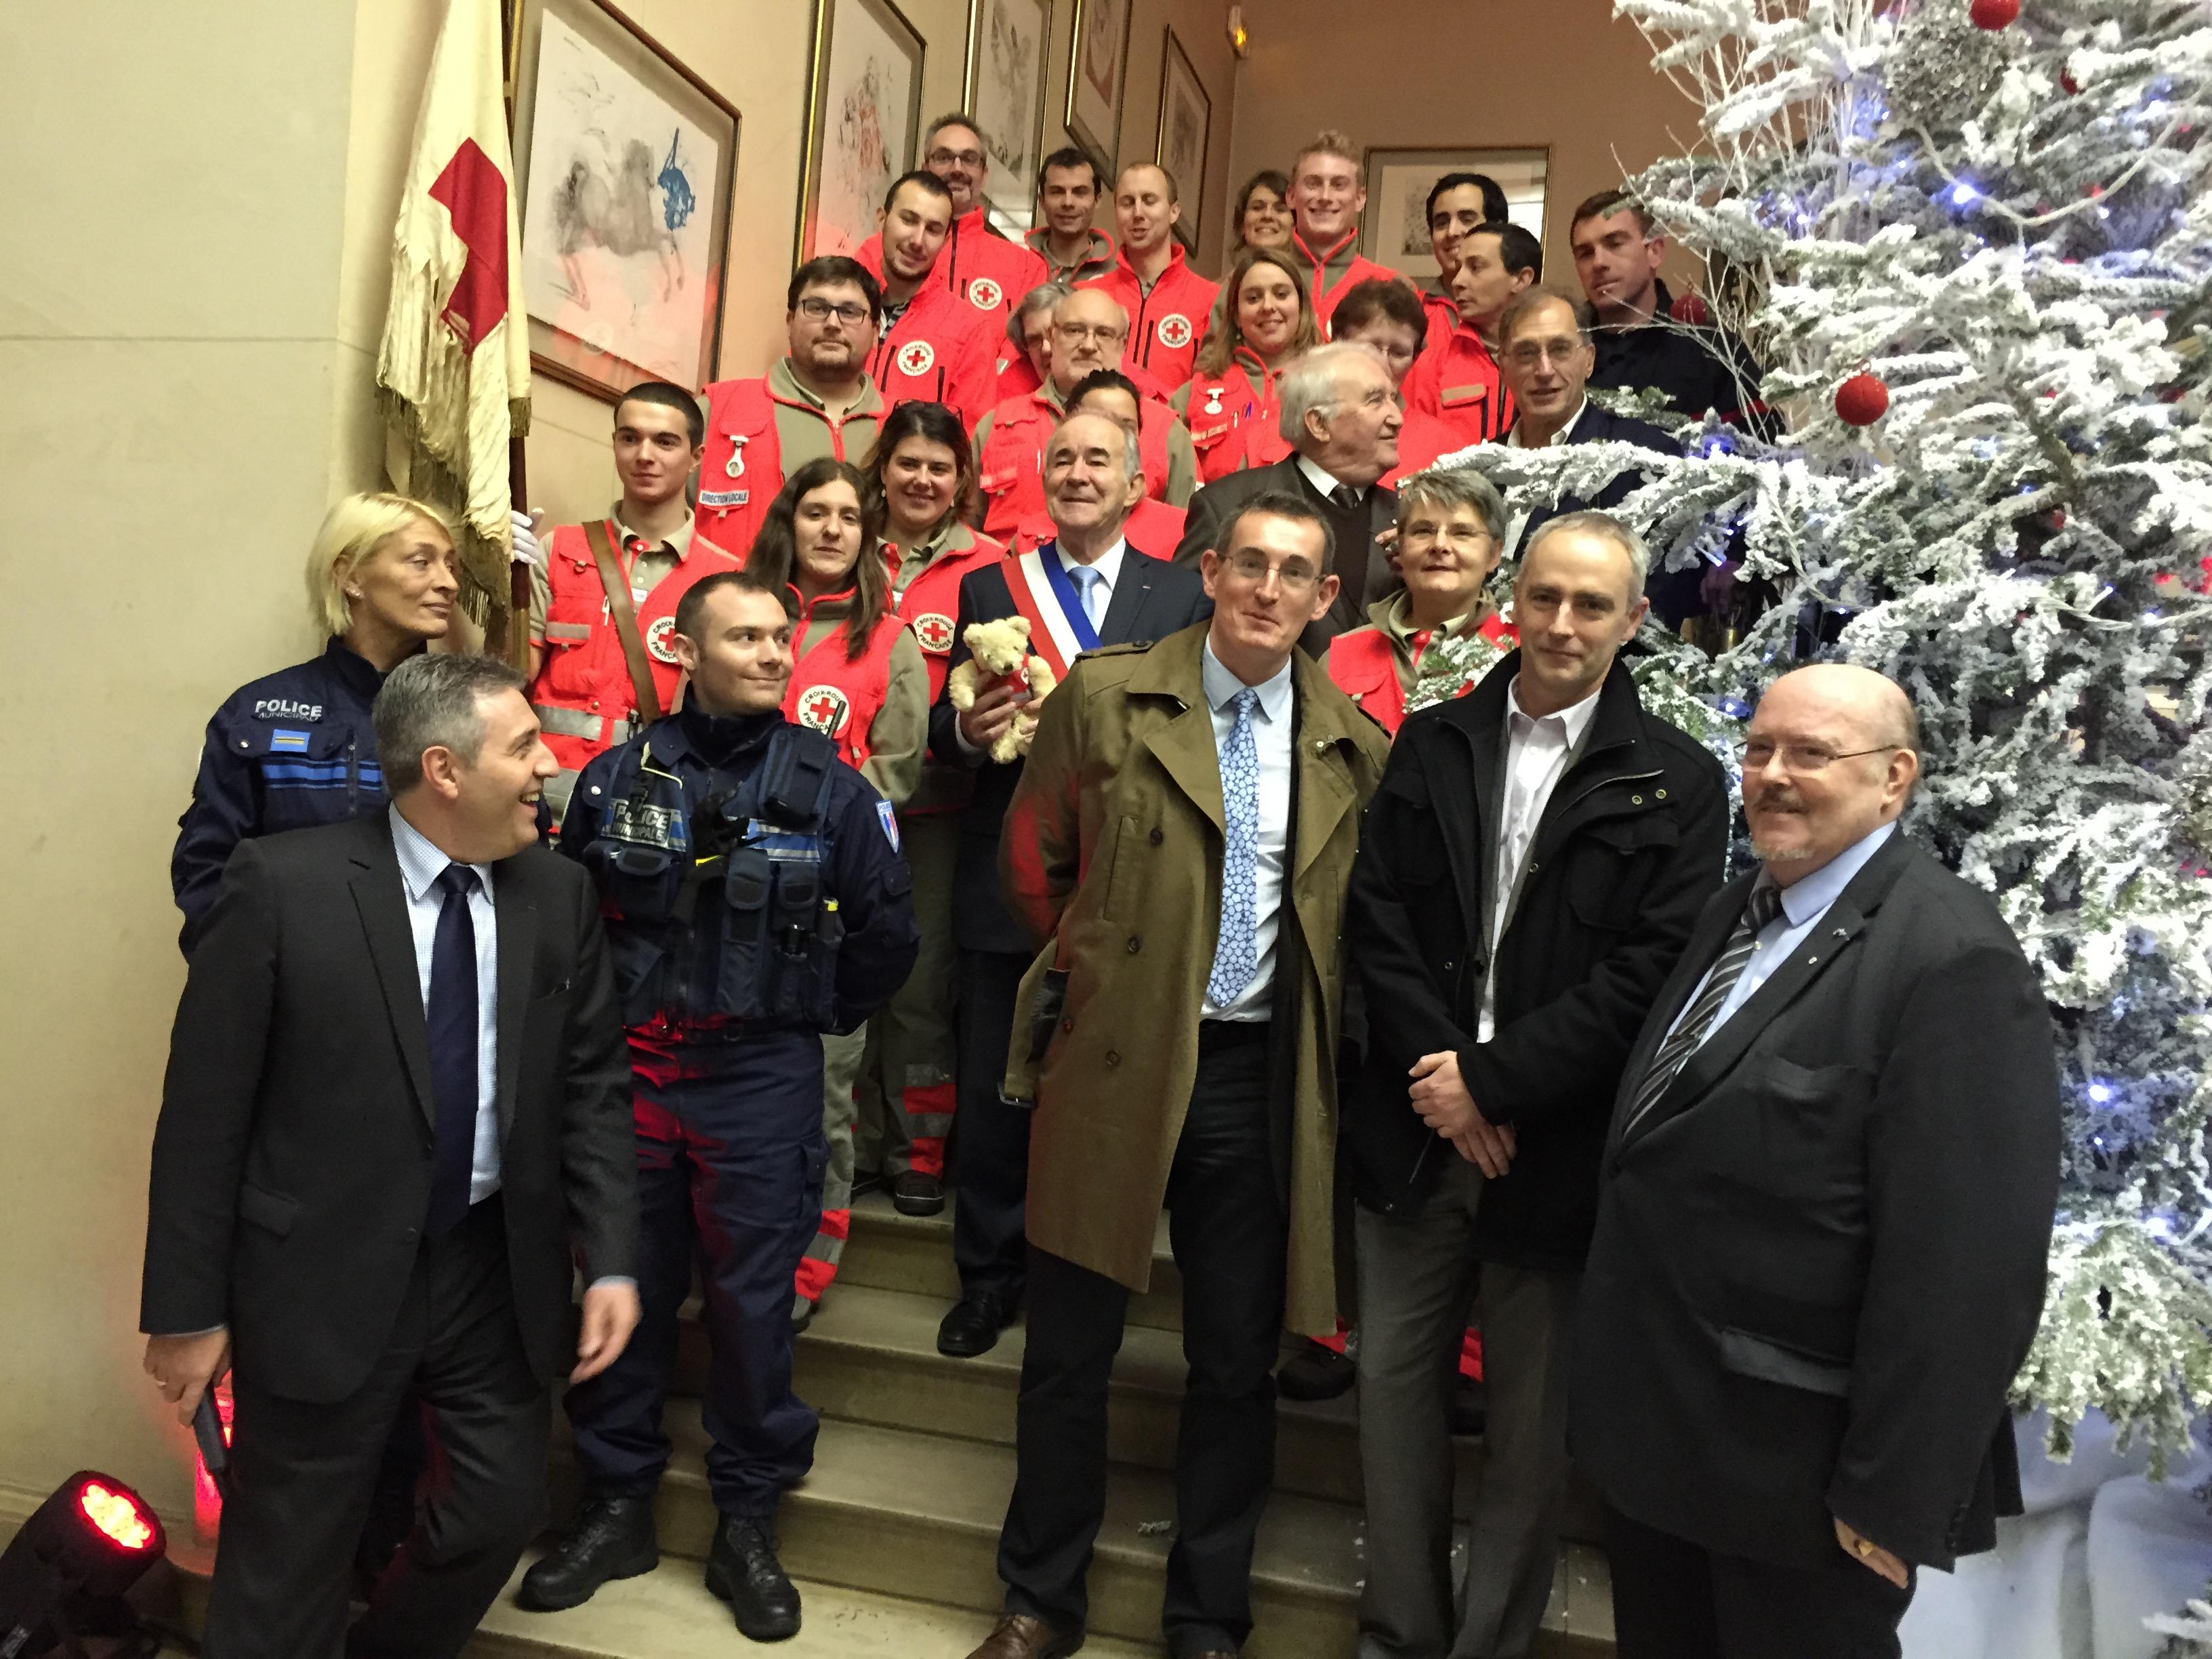 Les 150 ans de la Croix Rouge fêtés à la mairie de Bois  ~ Maire Bois Colombes